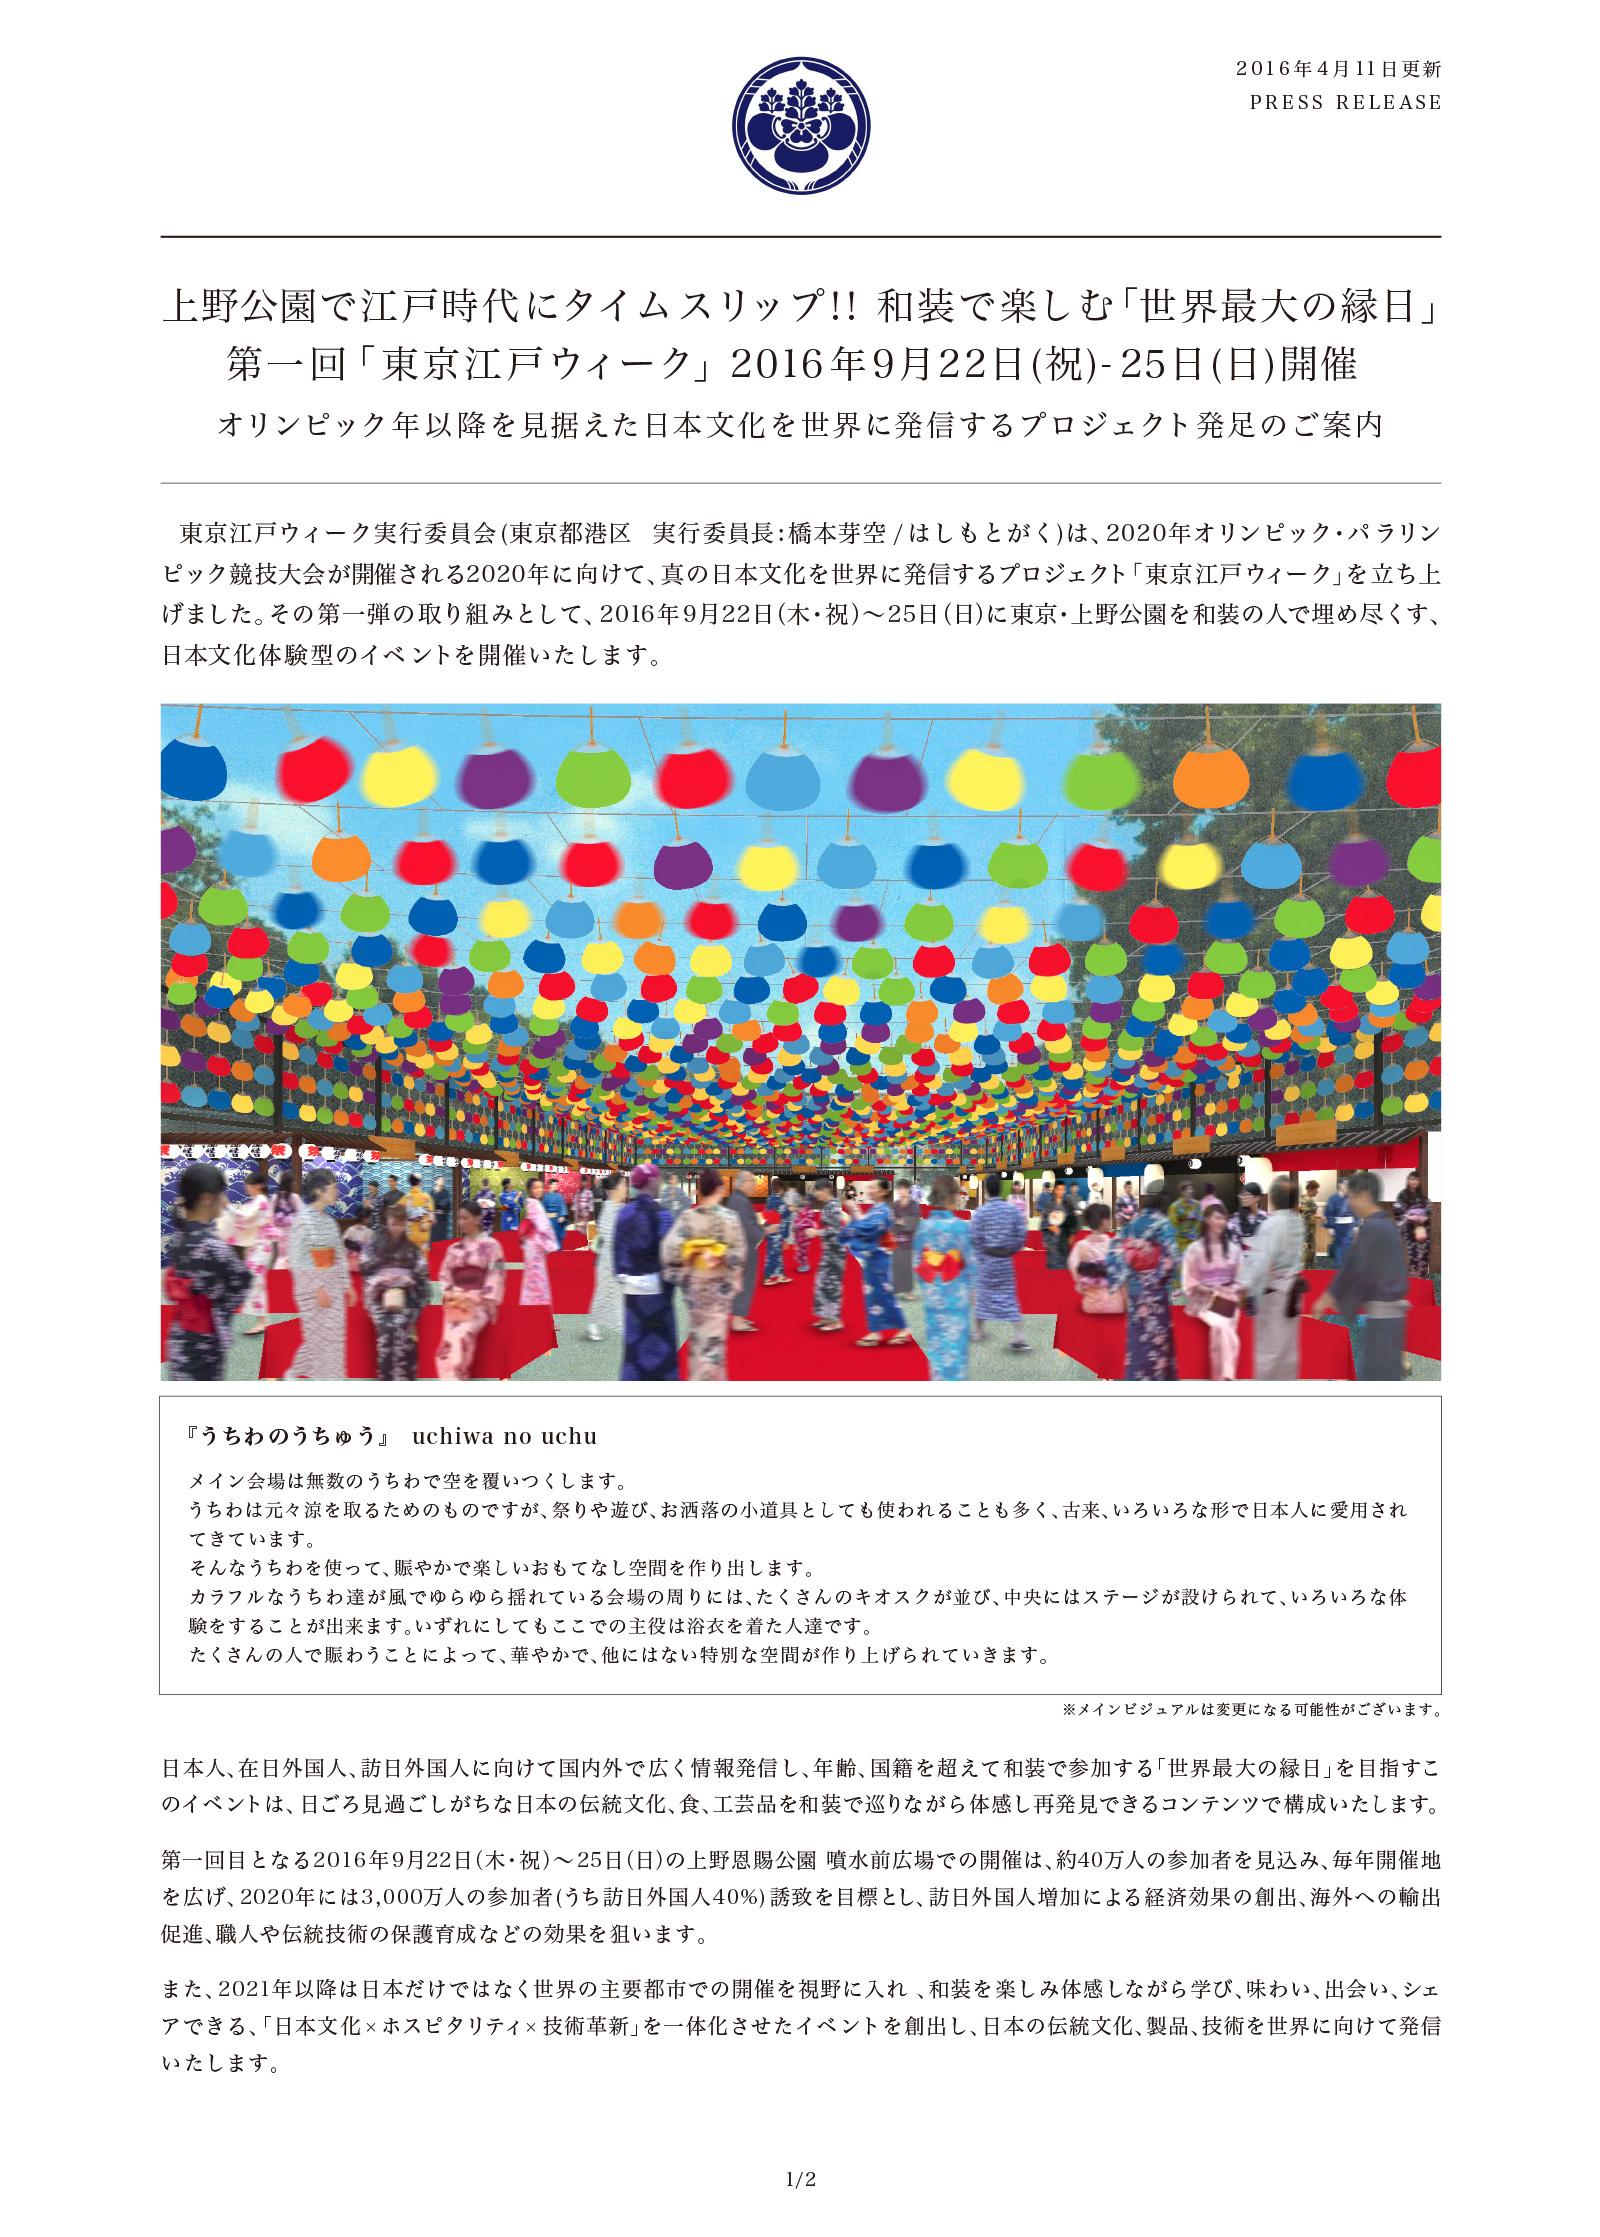 第一回「東京江戸ウィーク」 2016年9月22日〜開催